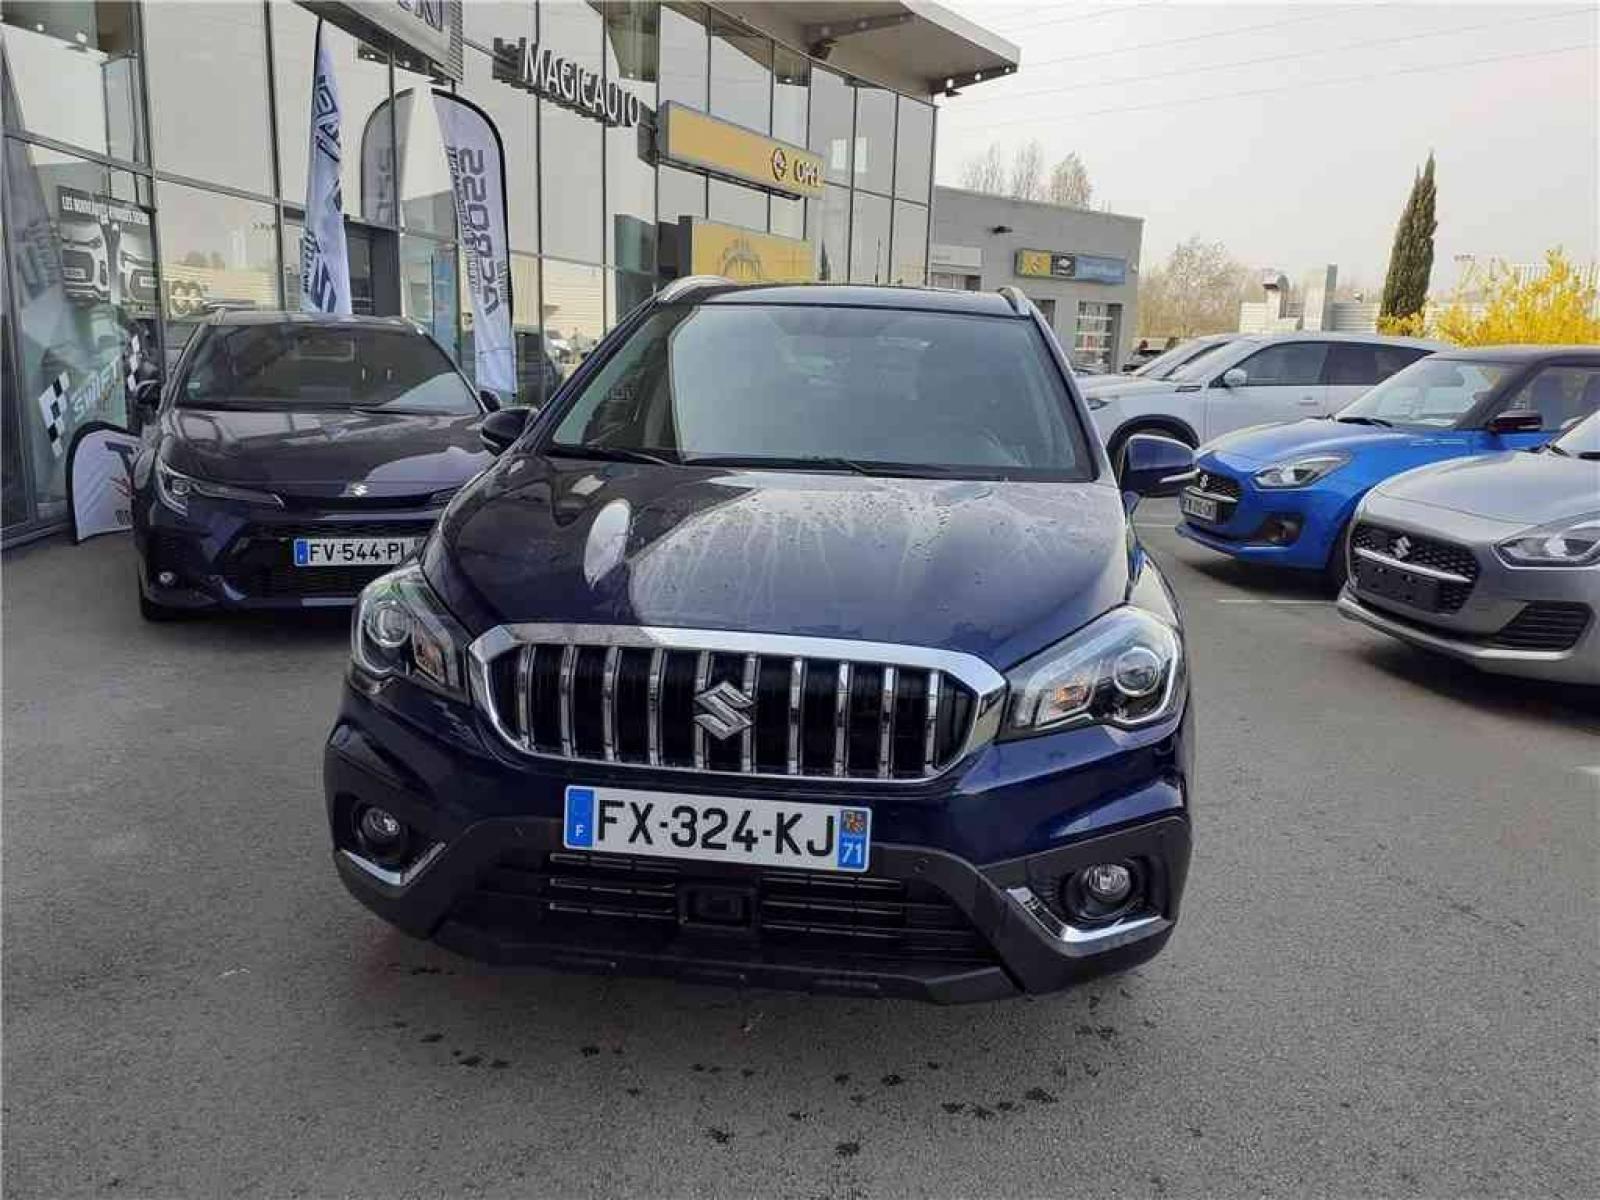 SUZUKI S-Cross 1.4 Boosterjet Allgrip Hybrid Auto - véhicule d'occasion - Groupe Guillet - Hall de l'automobile - Chalon sur Saône - 71380 - Saint-Marcel - 8